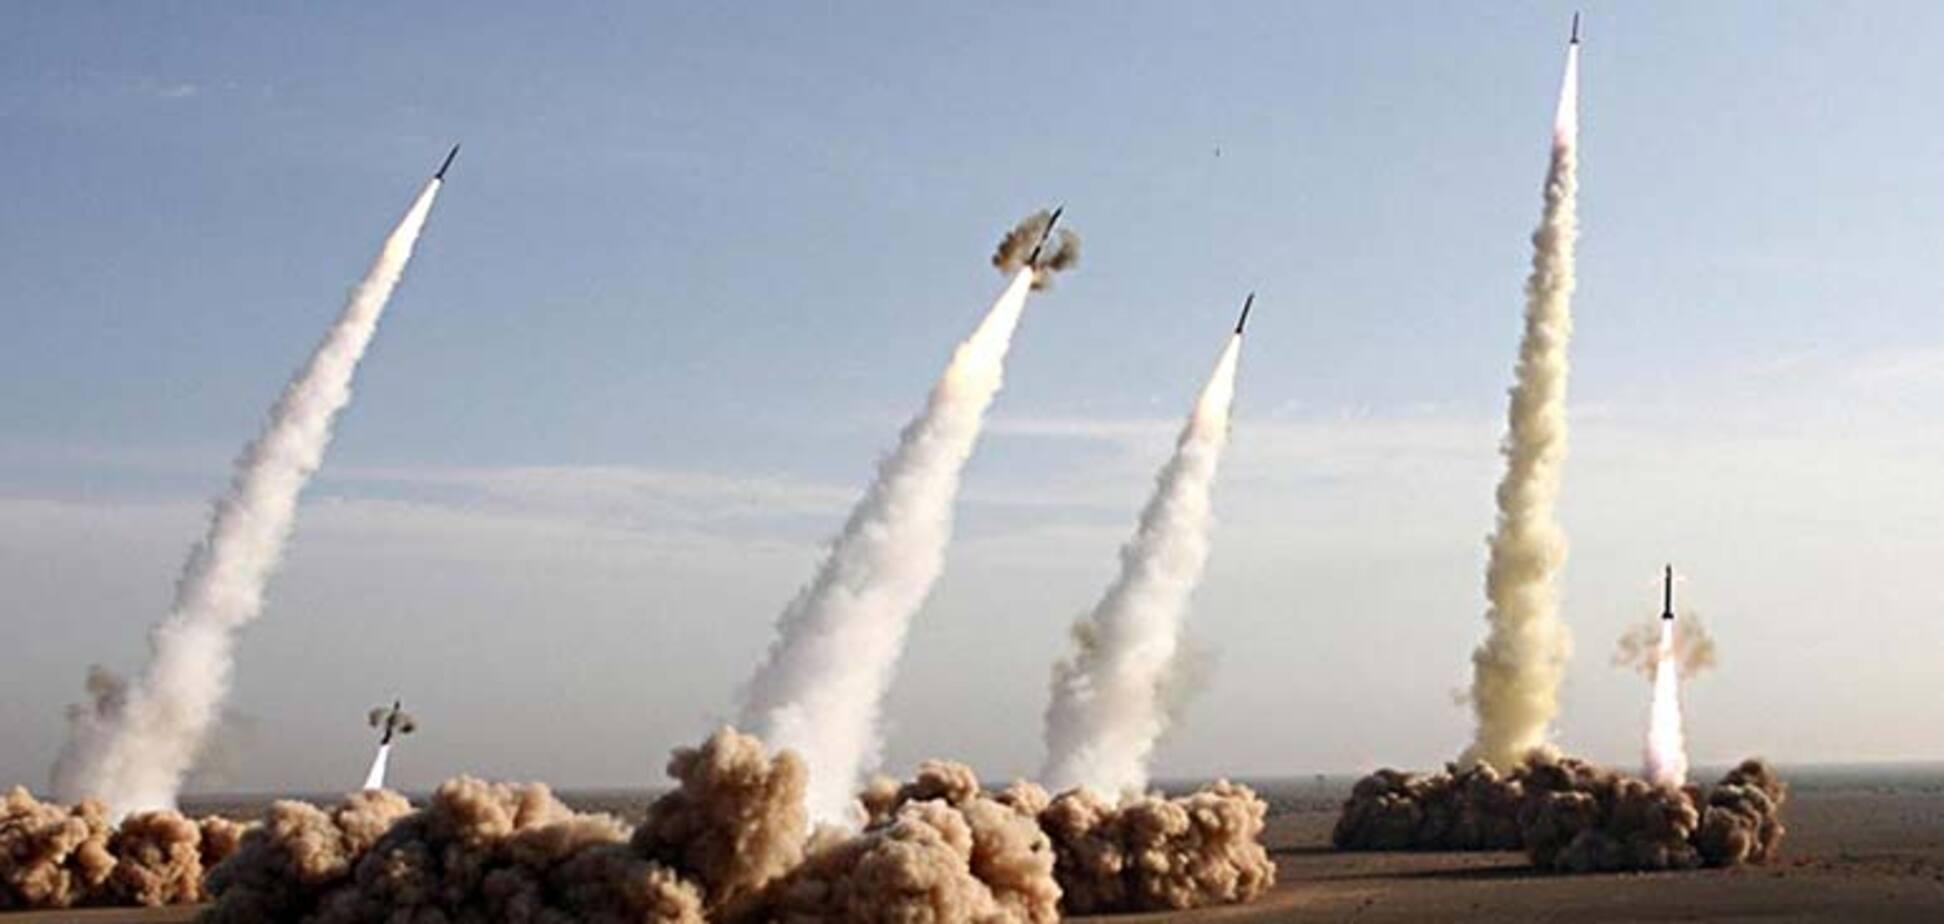 Деньги Пентагона для Украины: генерал напомнил о ракетах по $1 млрд за штуку